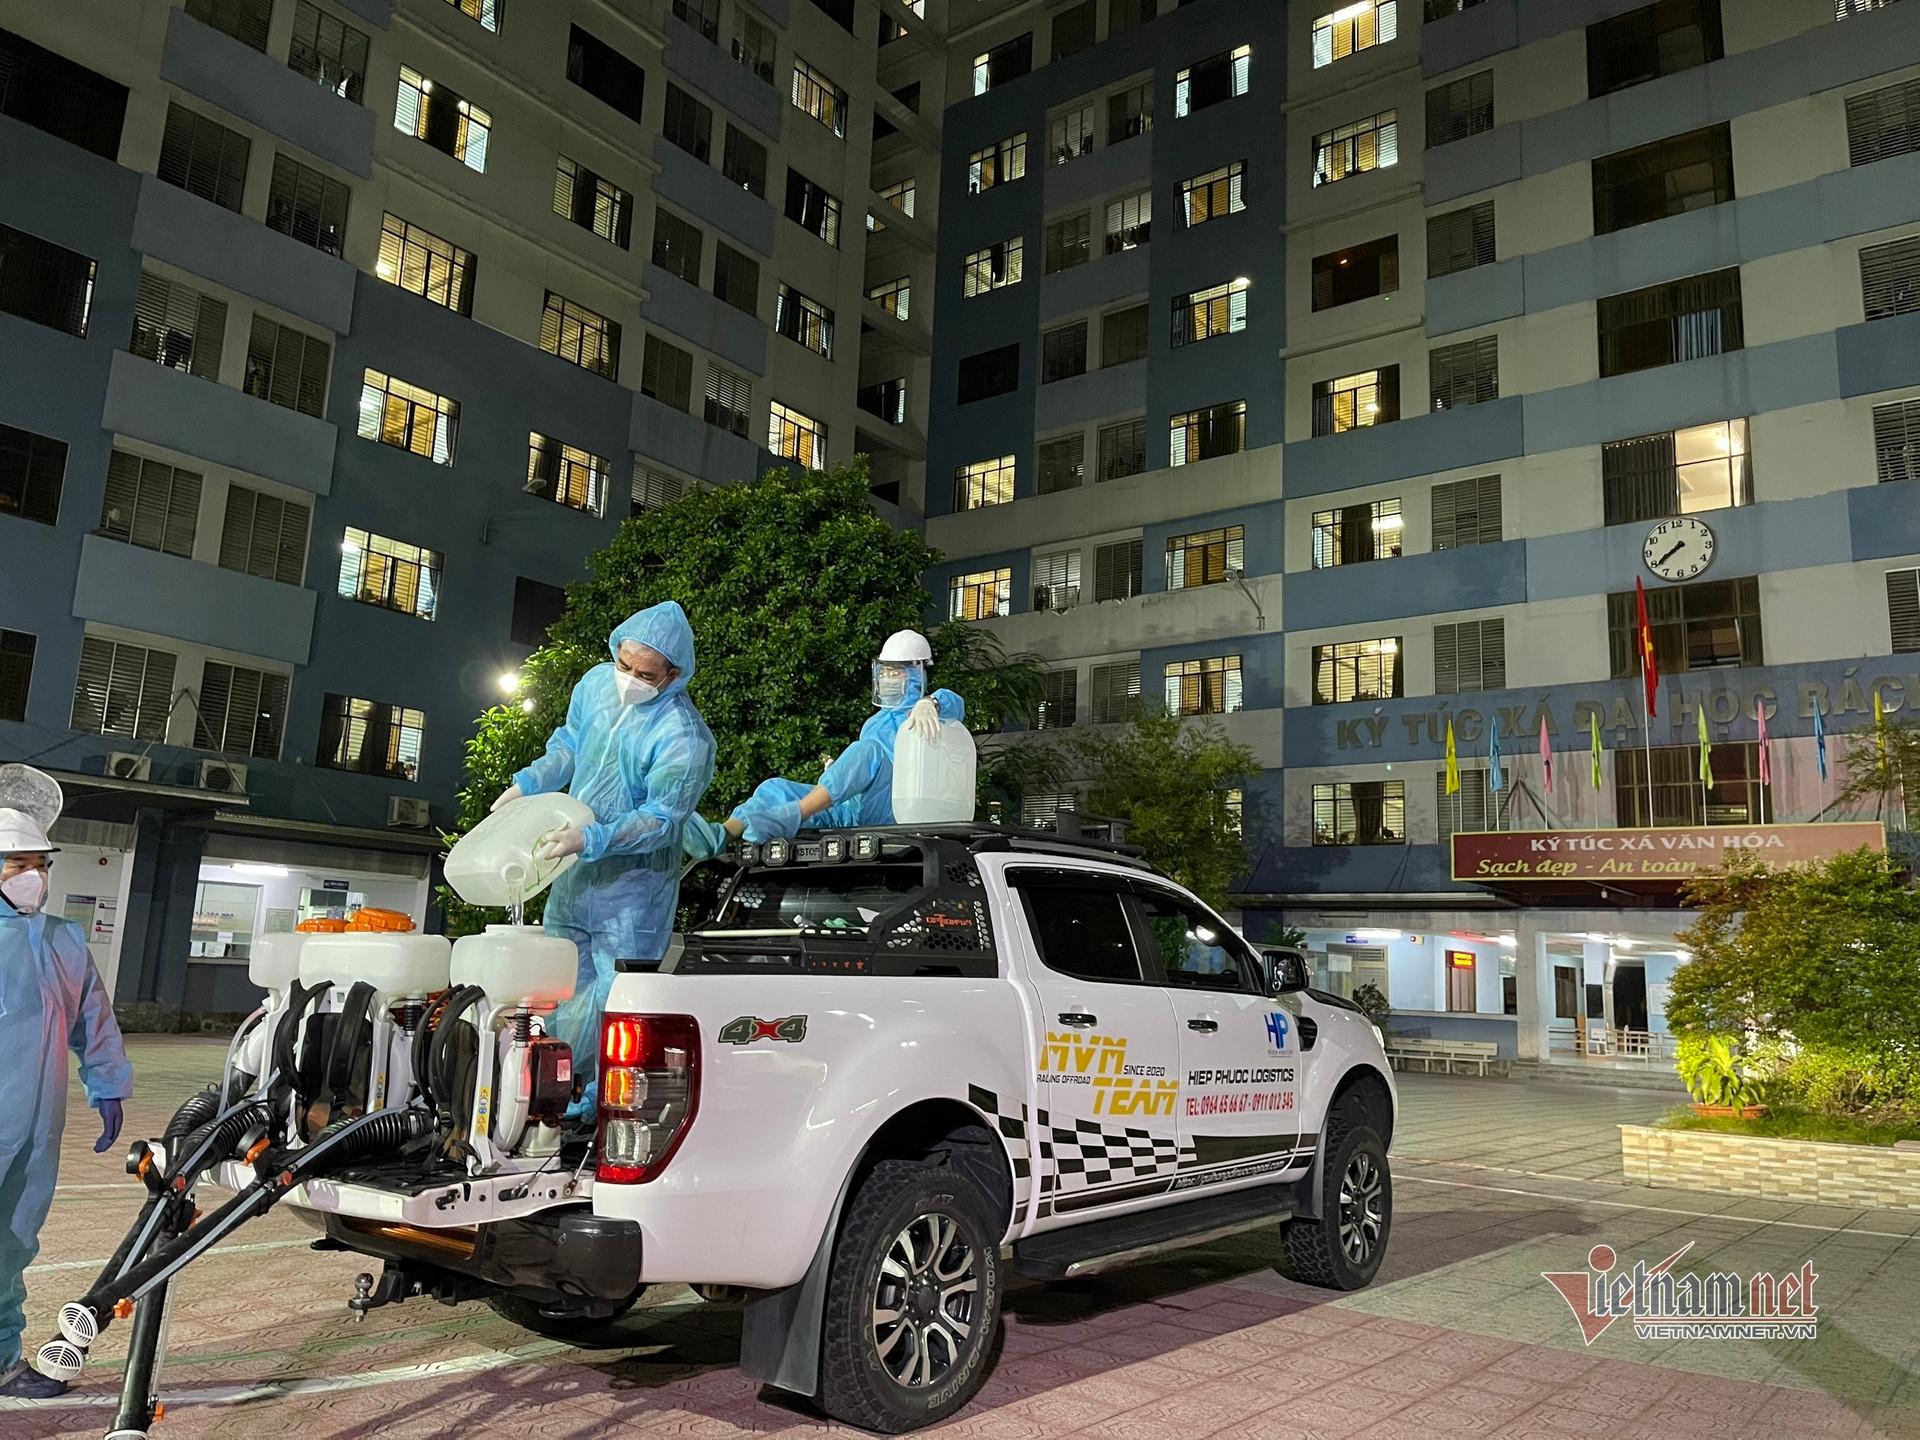 Dân chơi bán tải tình nguyện lái xe phun khử khuẩn khắp phố vào nửa đêm-1